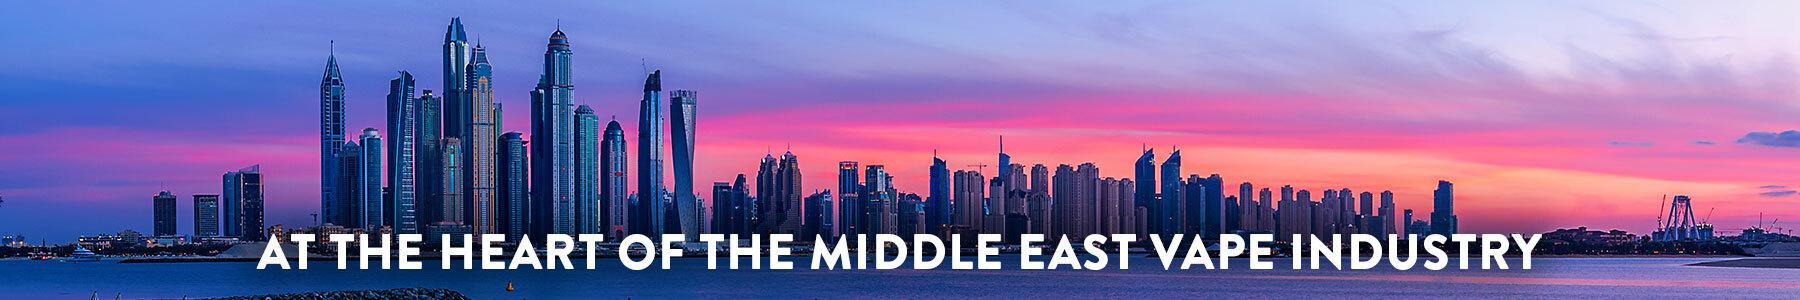 Dubai hero - Dec 2020